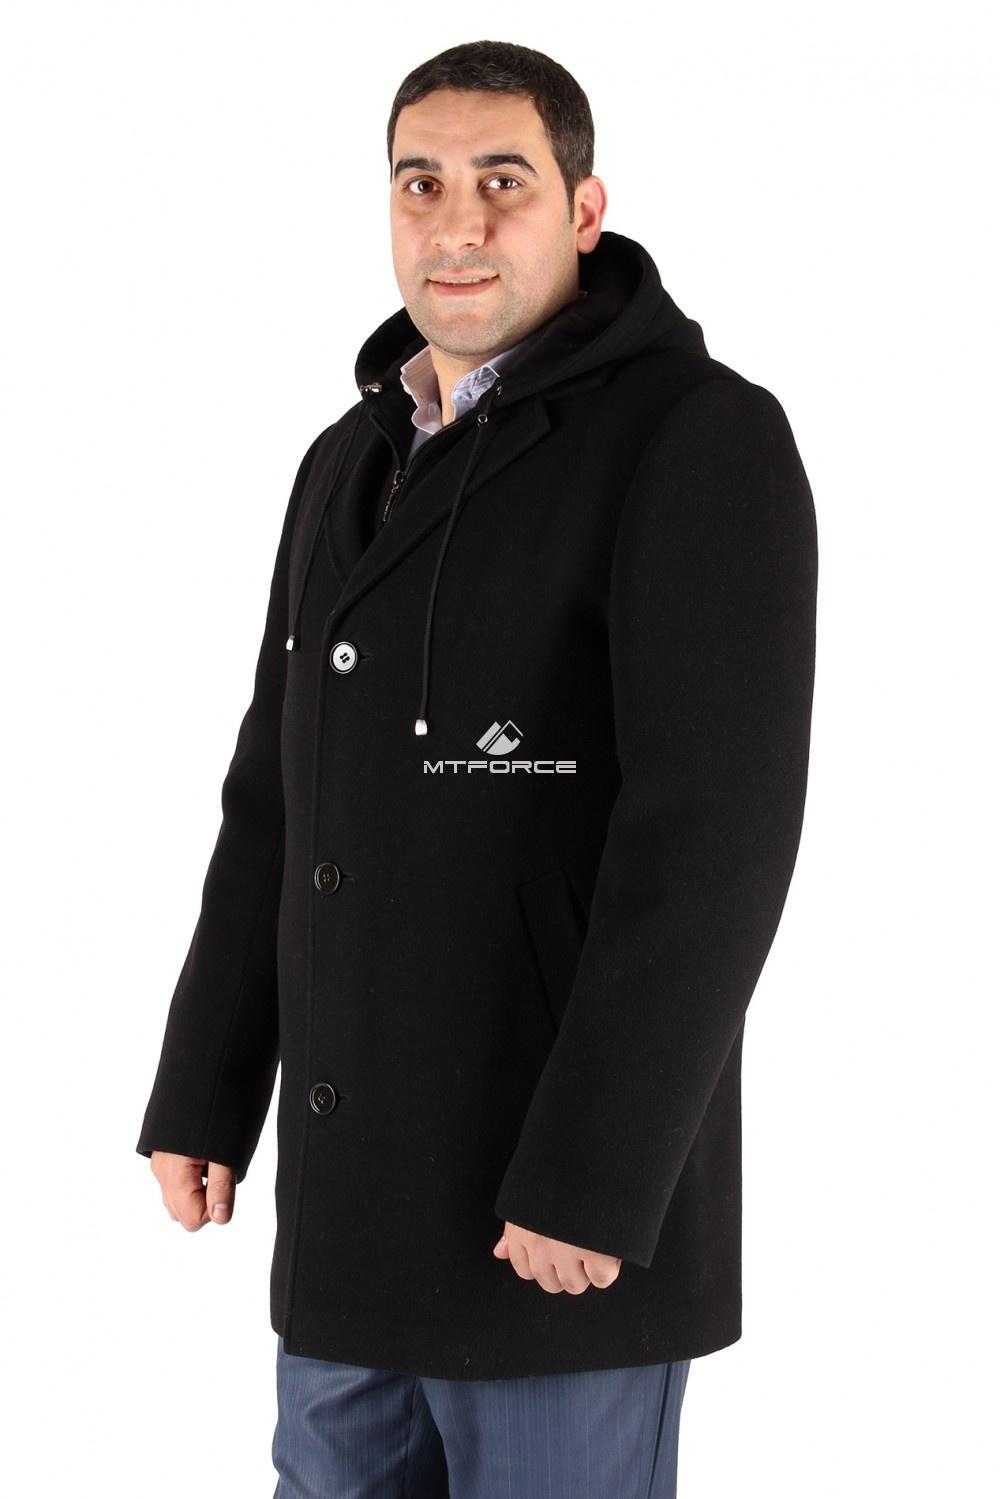 Купить                                  оптом Полупальто мужское черного цвета МР-2Ch